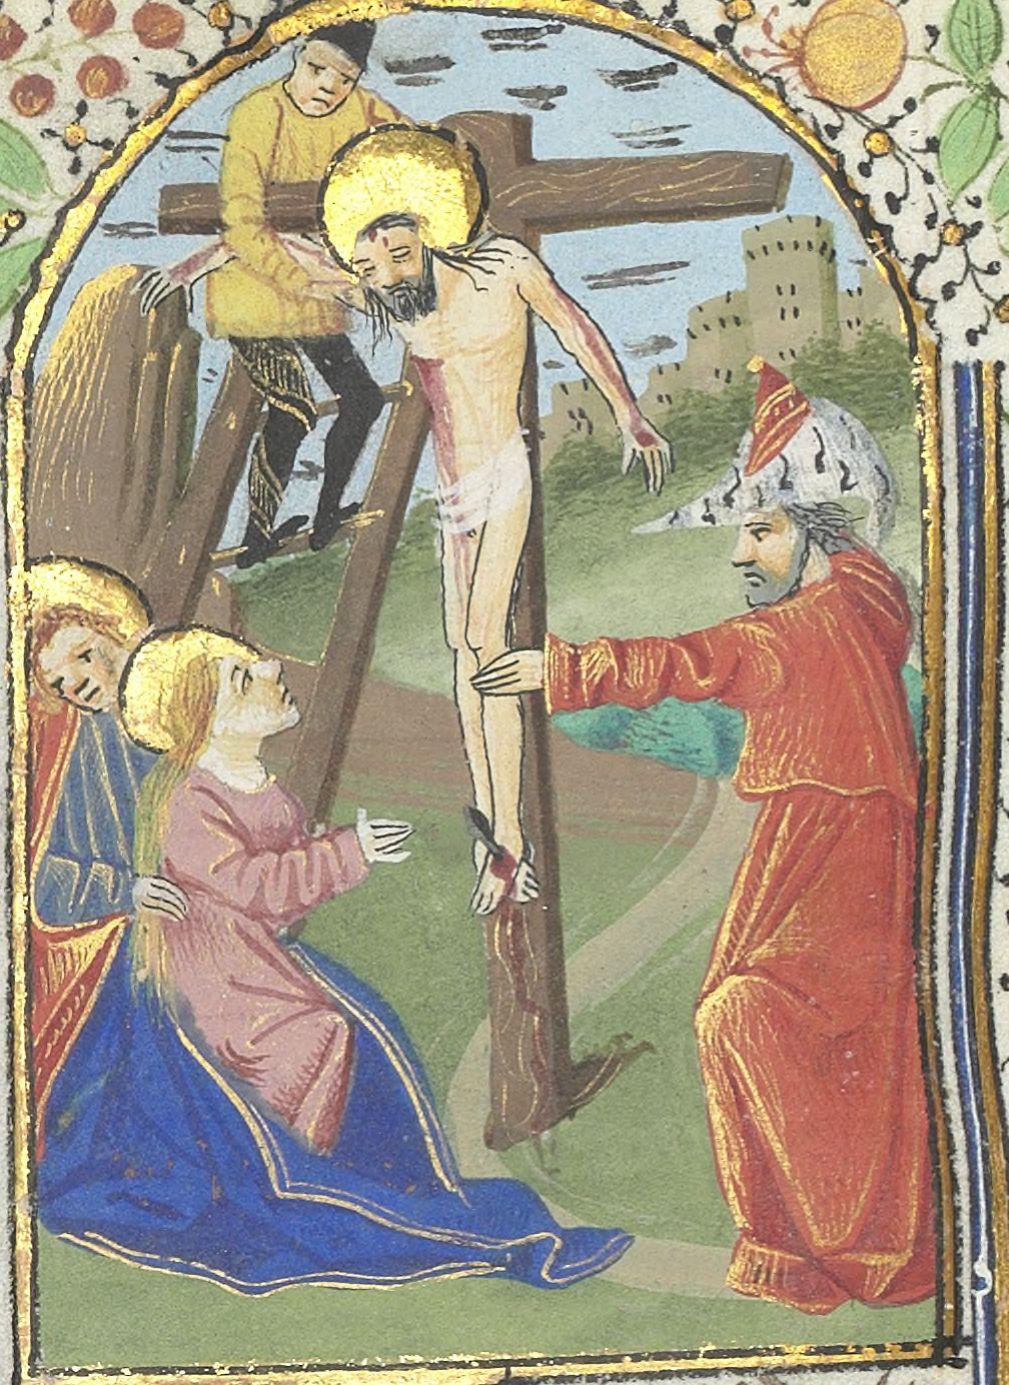 Livre d'Heures d'Isabeau Stuart BnF Latin 1369.  Droits réservés BnF Gallica.